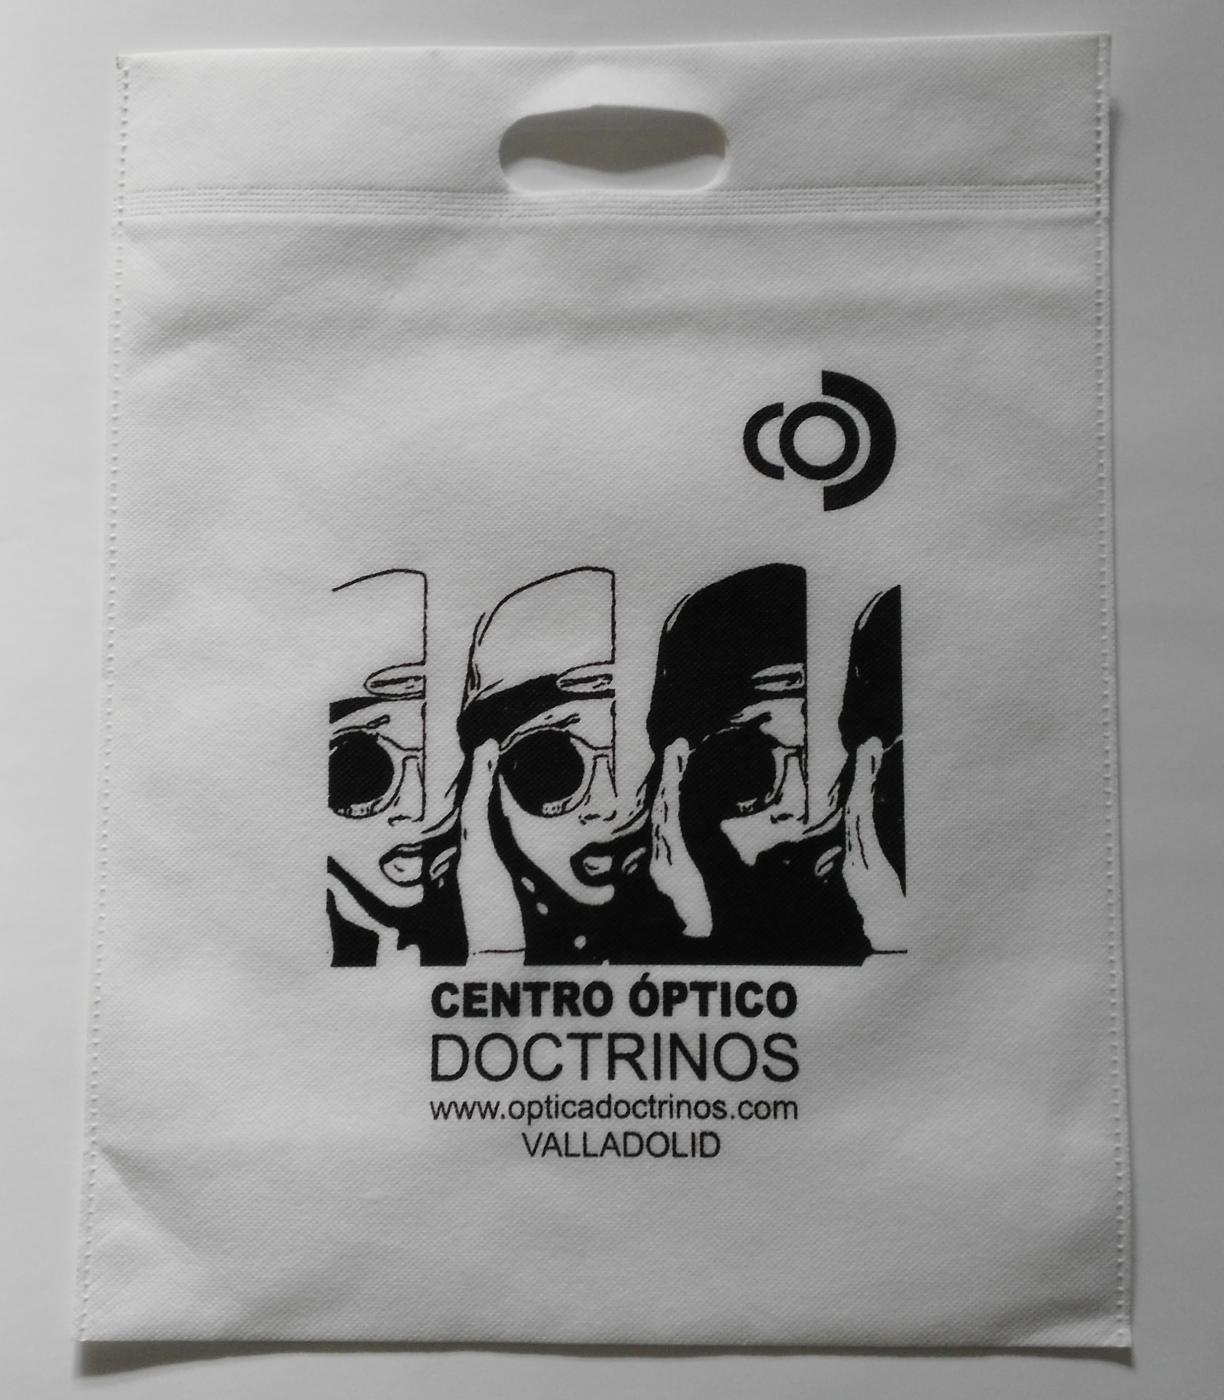 Bolsas de tela, papel y plastico Serigrafia Hermur